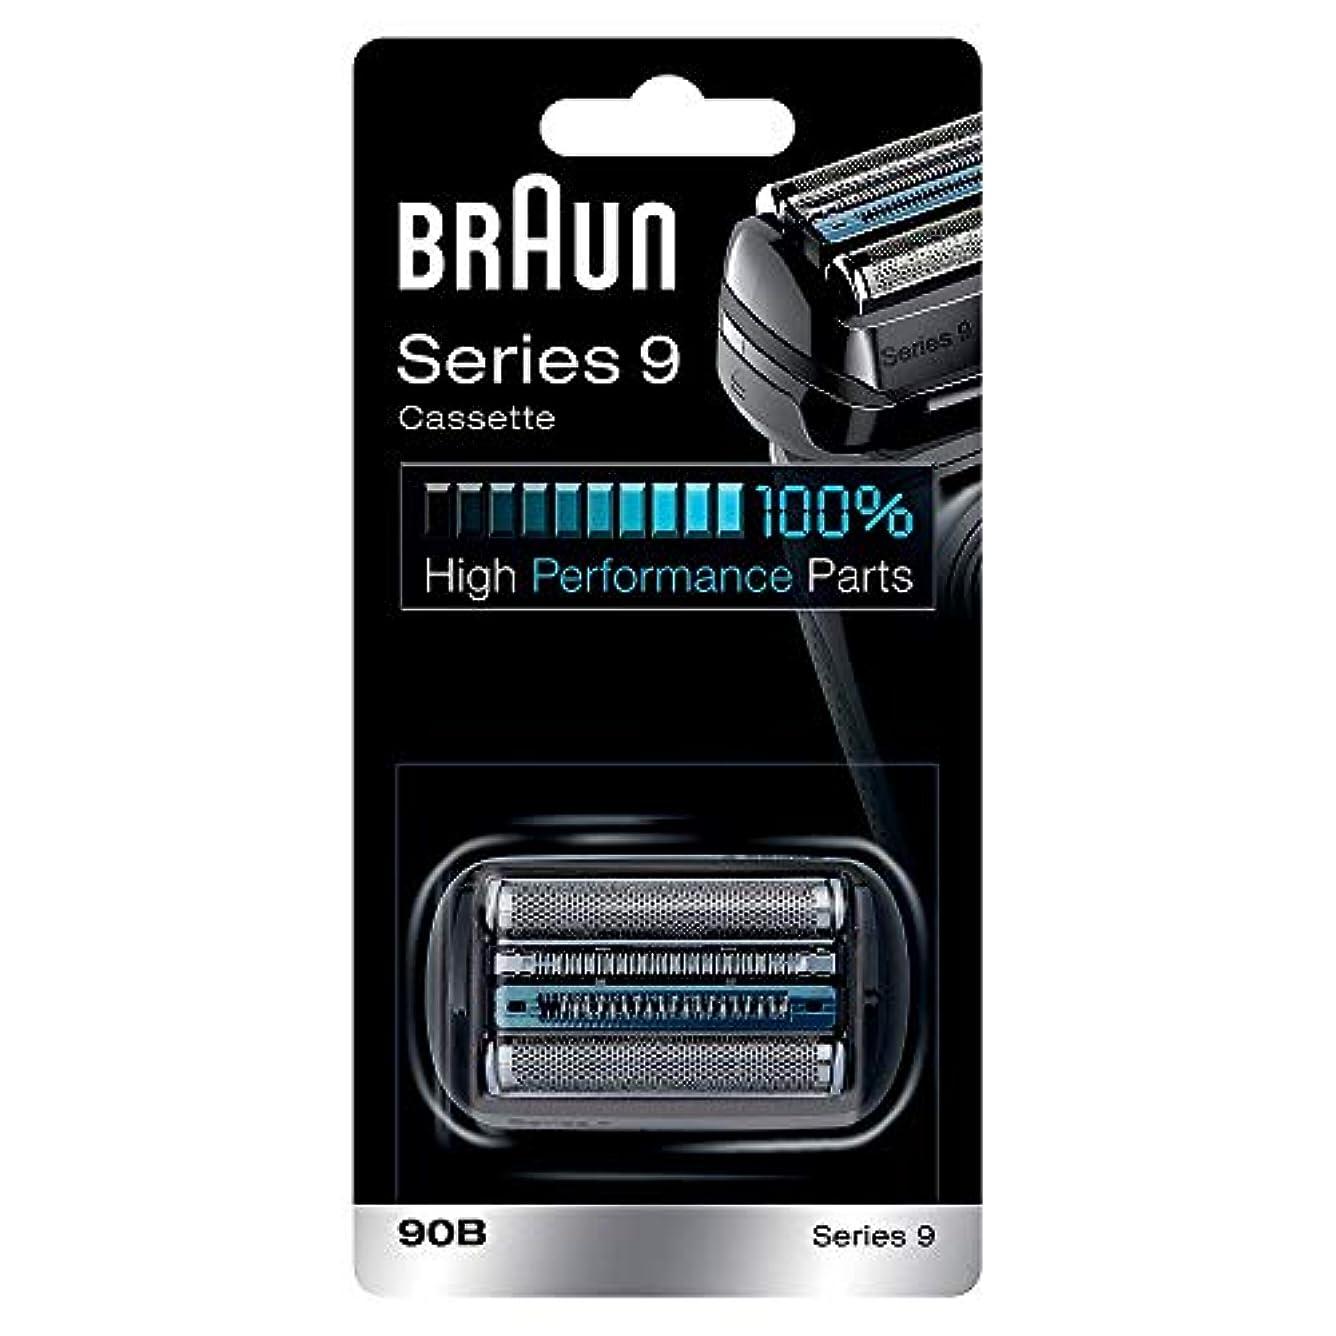 先のことを考える番目飲料Braun 90B シリーズ9電気かみそりのためのブラックフォイルカッターヘッドパック 90B [並行輸入品]